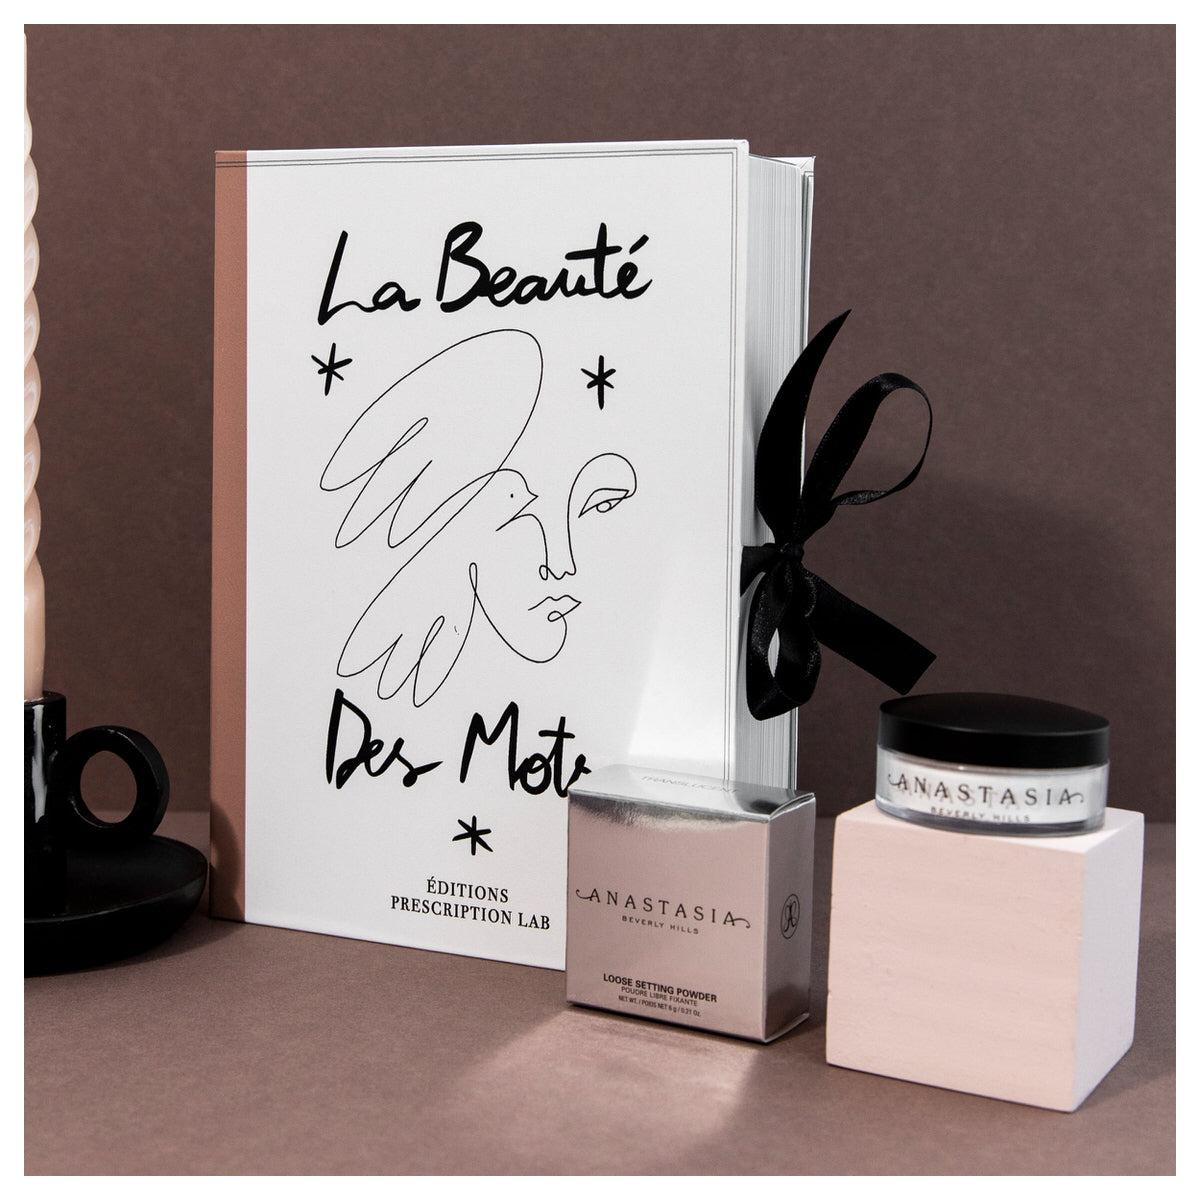 contenu de la box beauté Prescription Lab d'octobre 2021